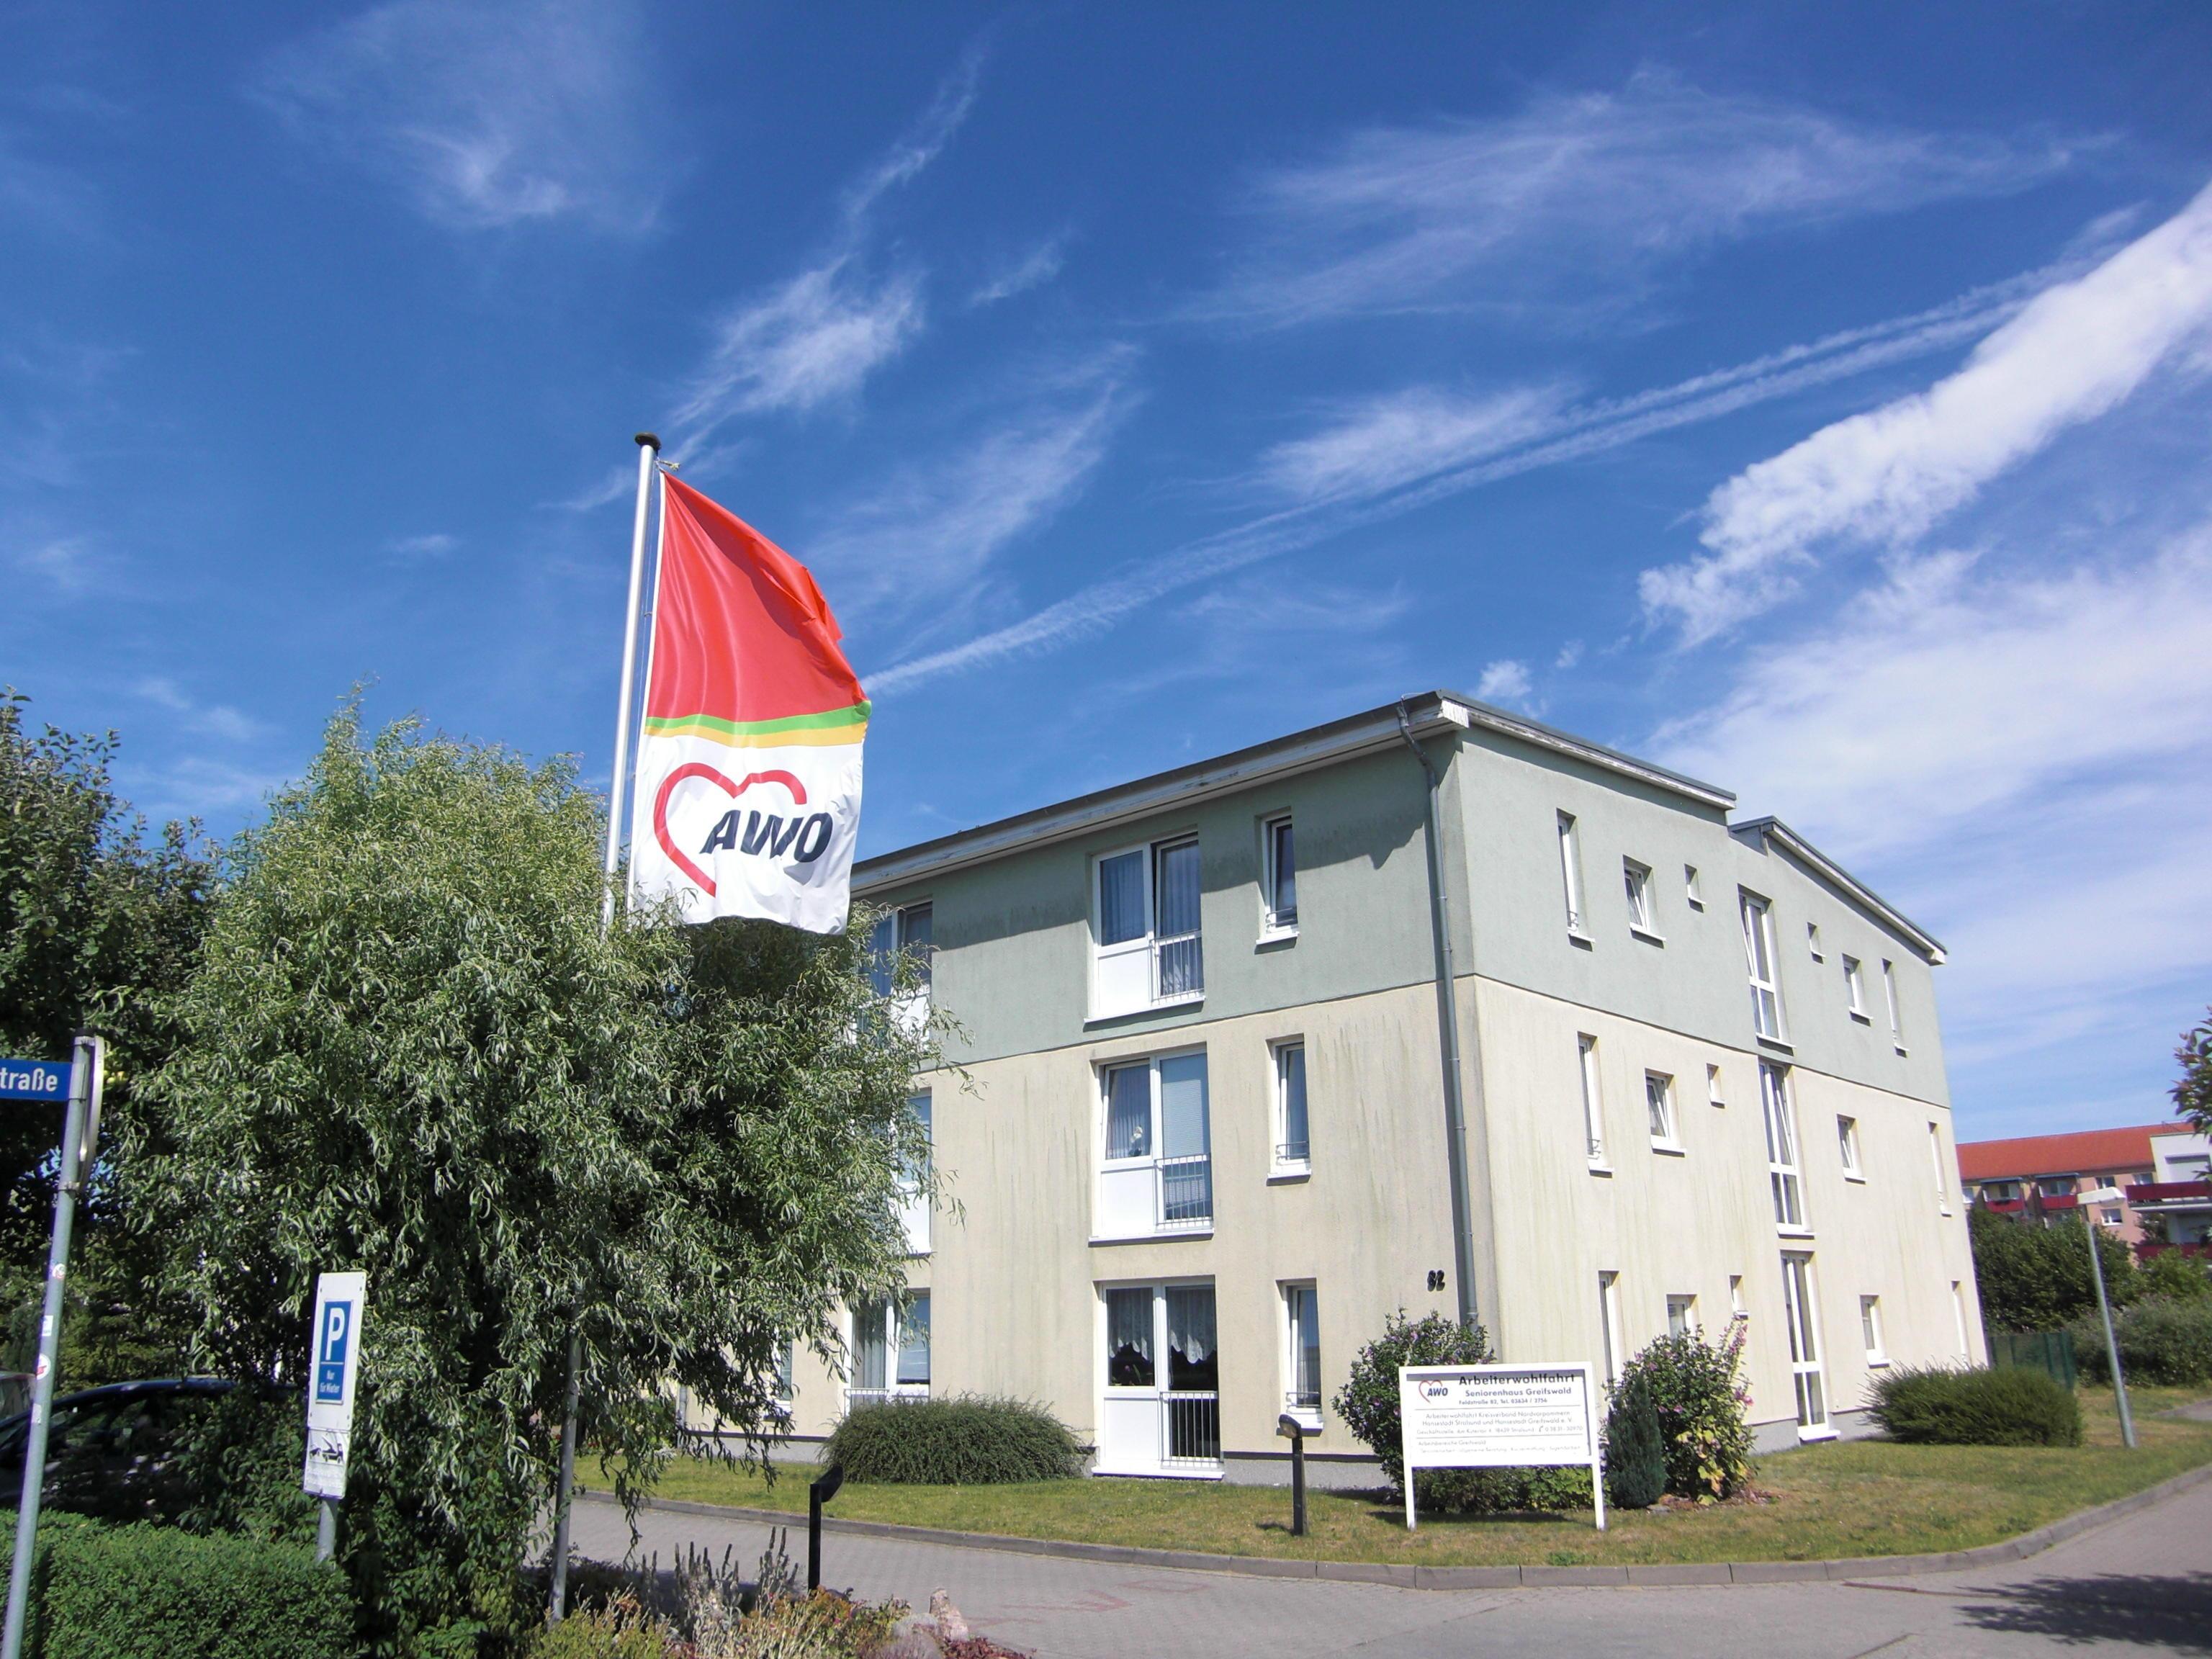 AWO Betreutes Wohnen Greifswald